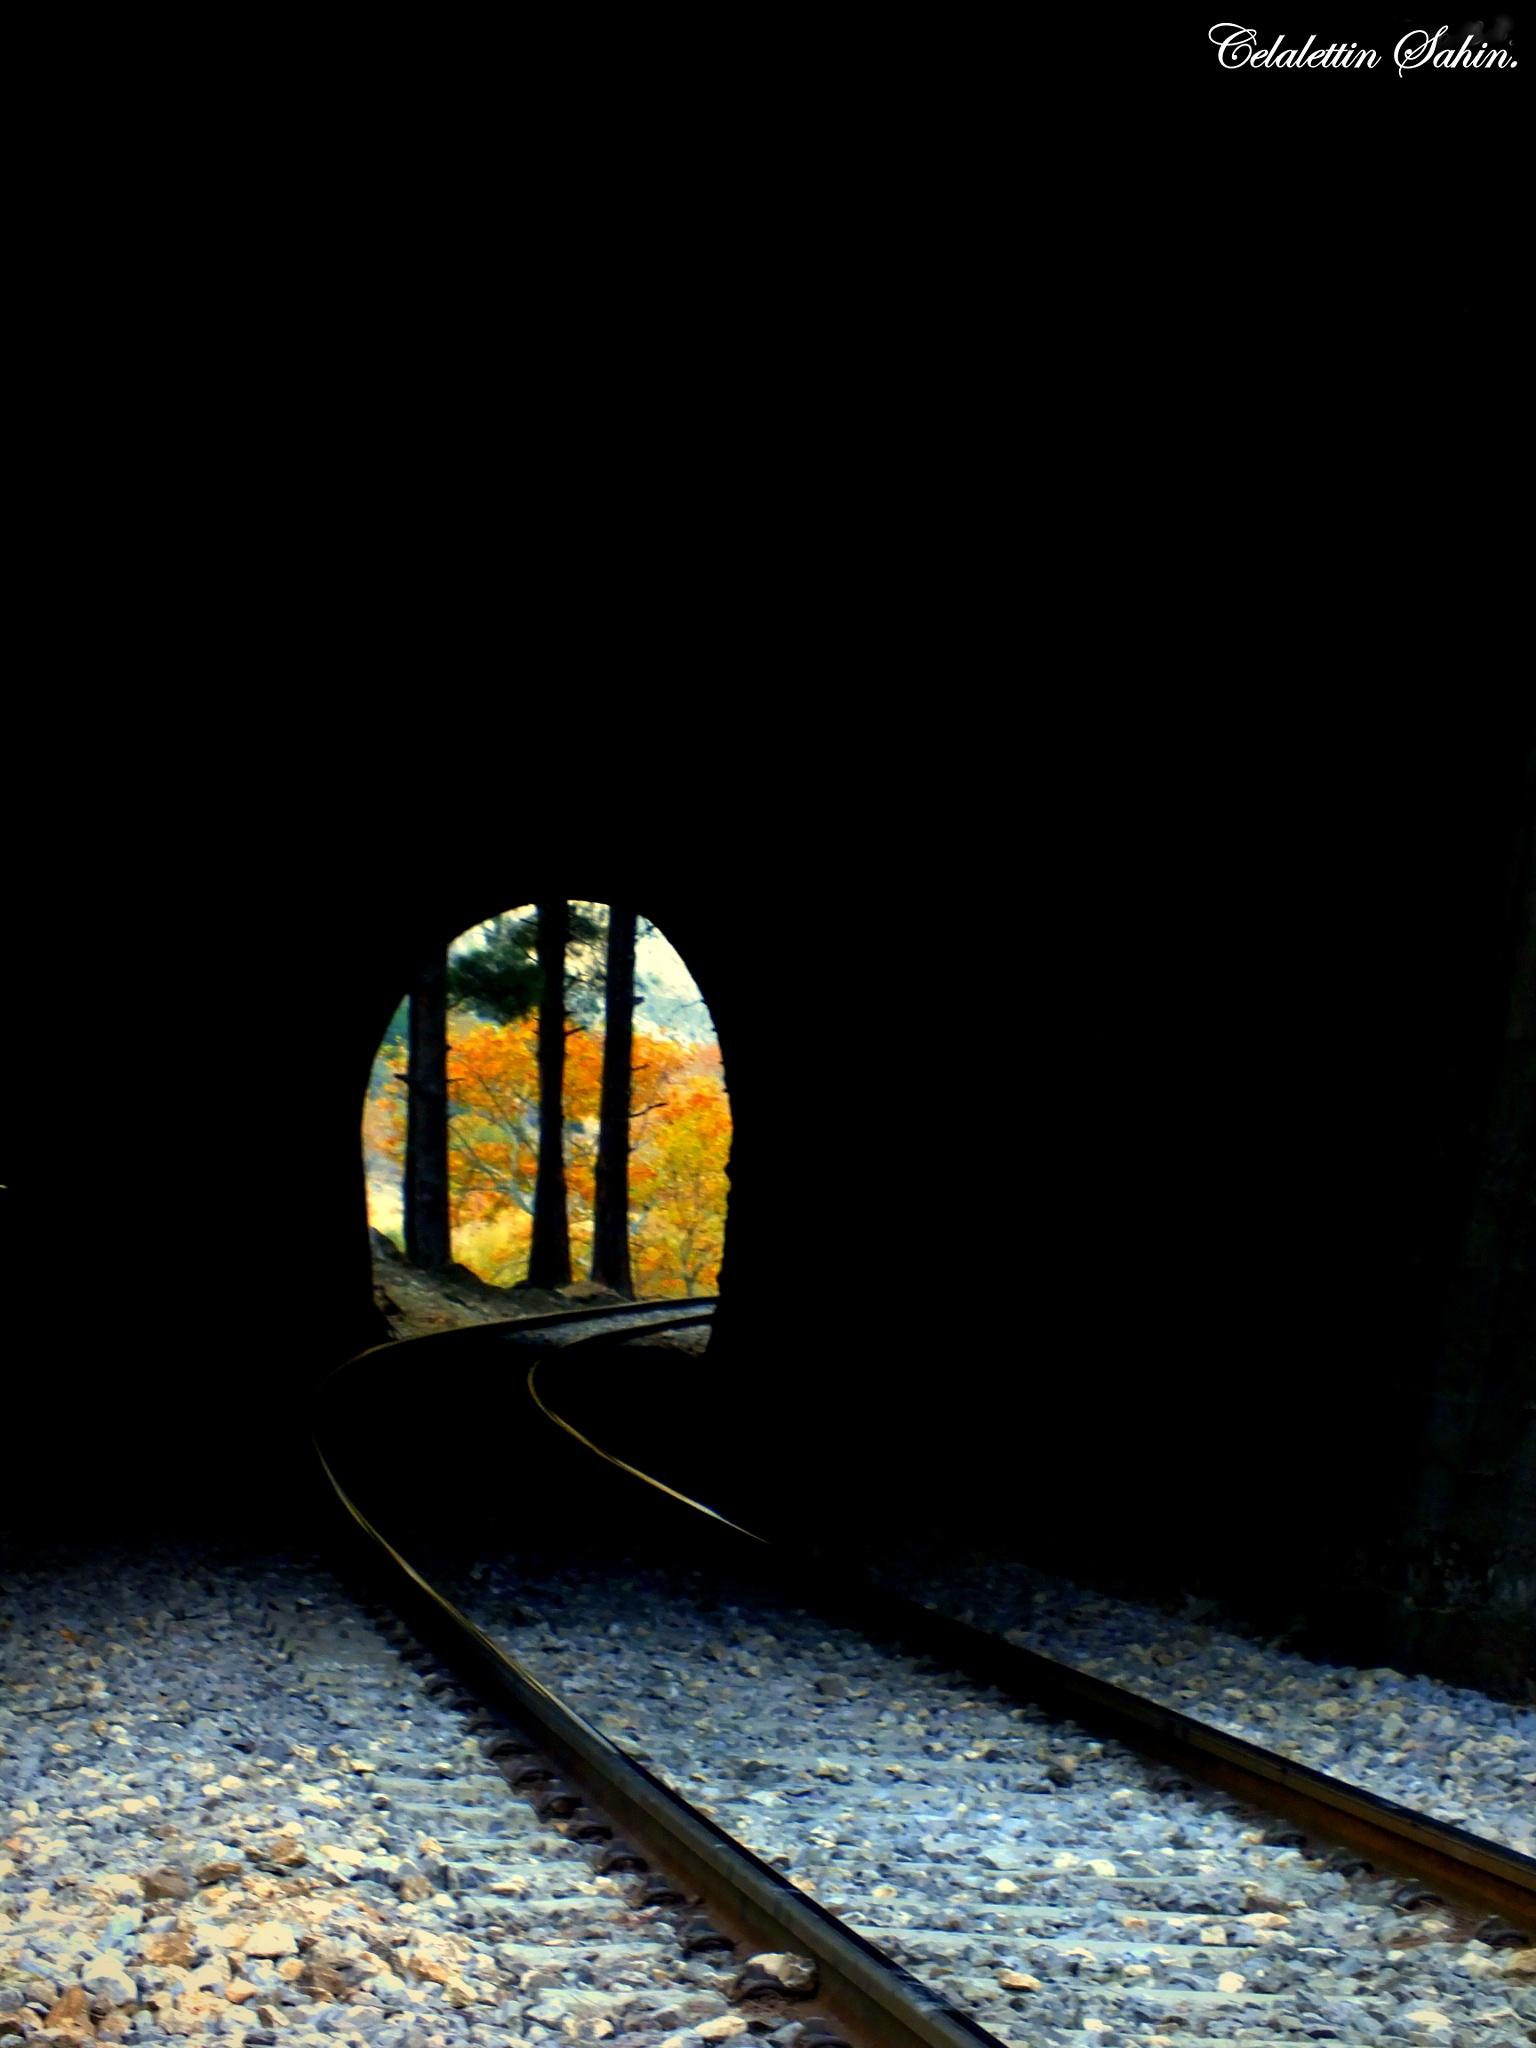 The mystery of the rails by Celalettin Şahin